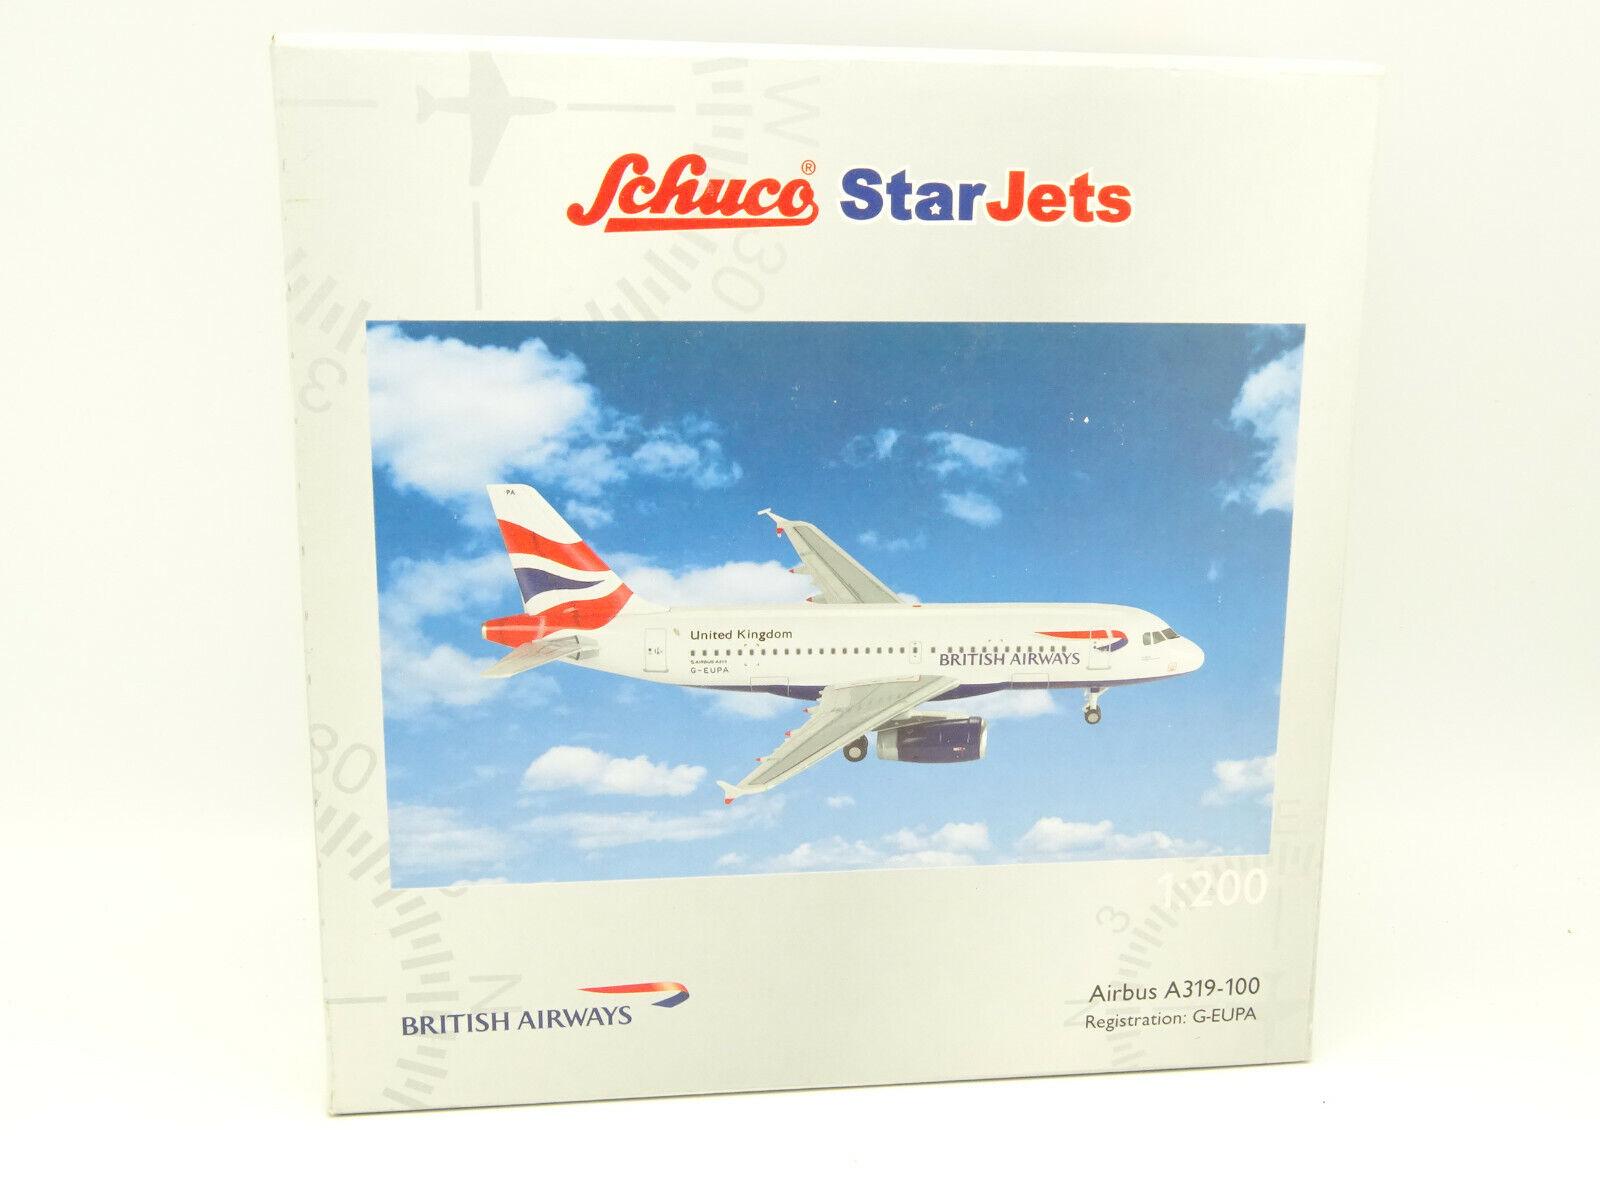 Schuco STAR JETS 1 200 - Air Airbus a319 100 british airways